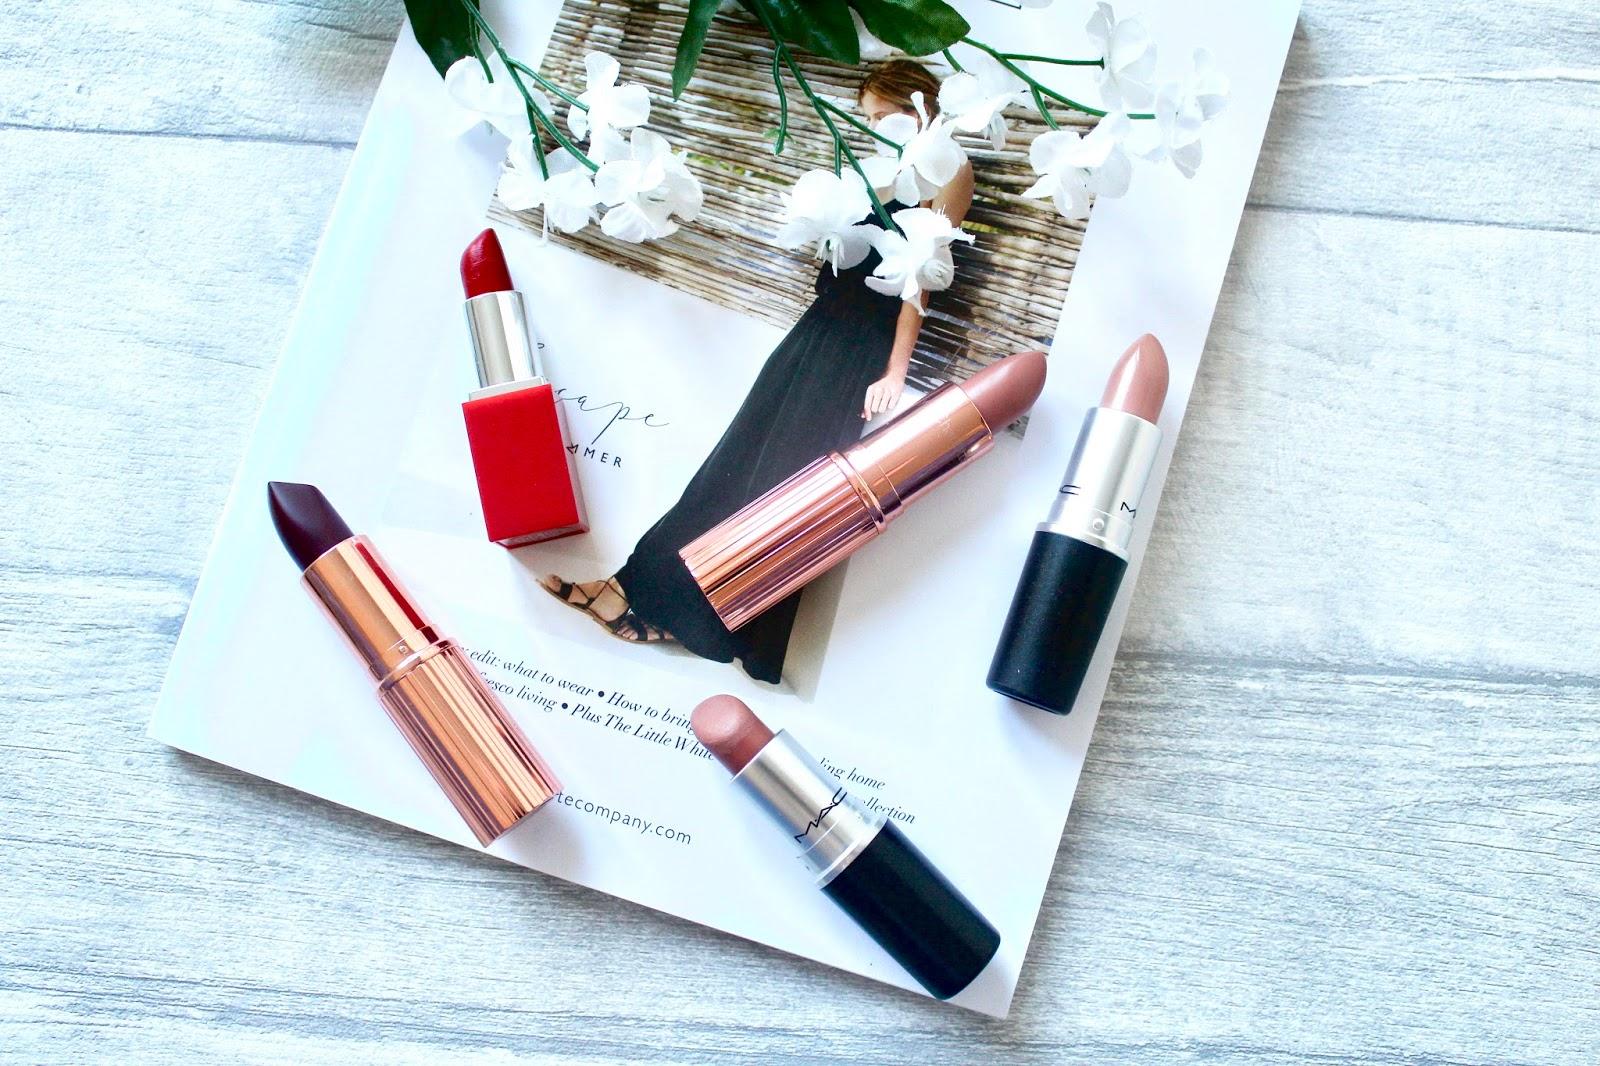 Top Five: High End Lipsticks